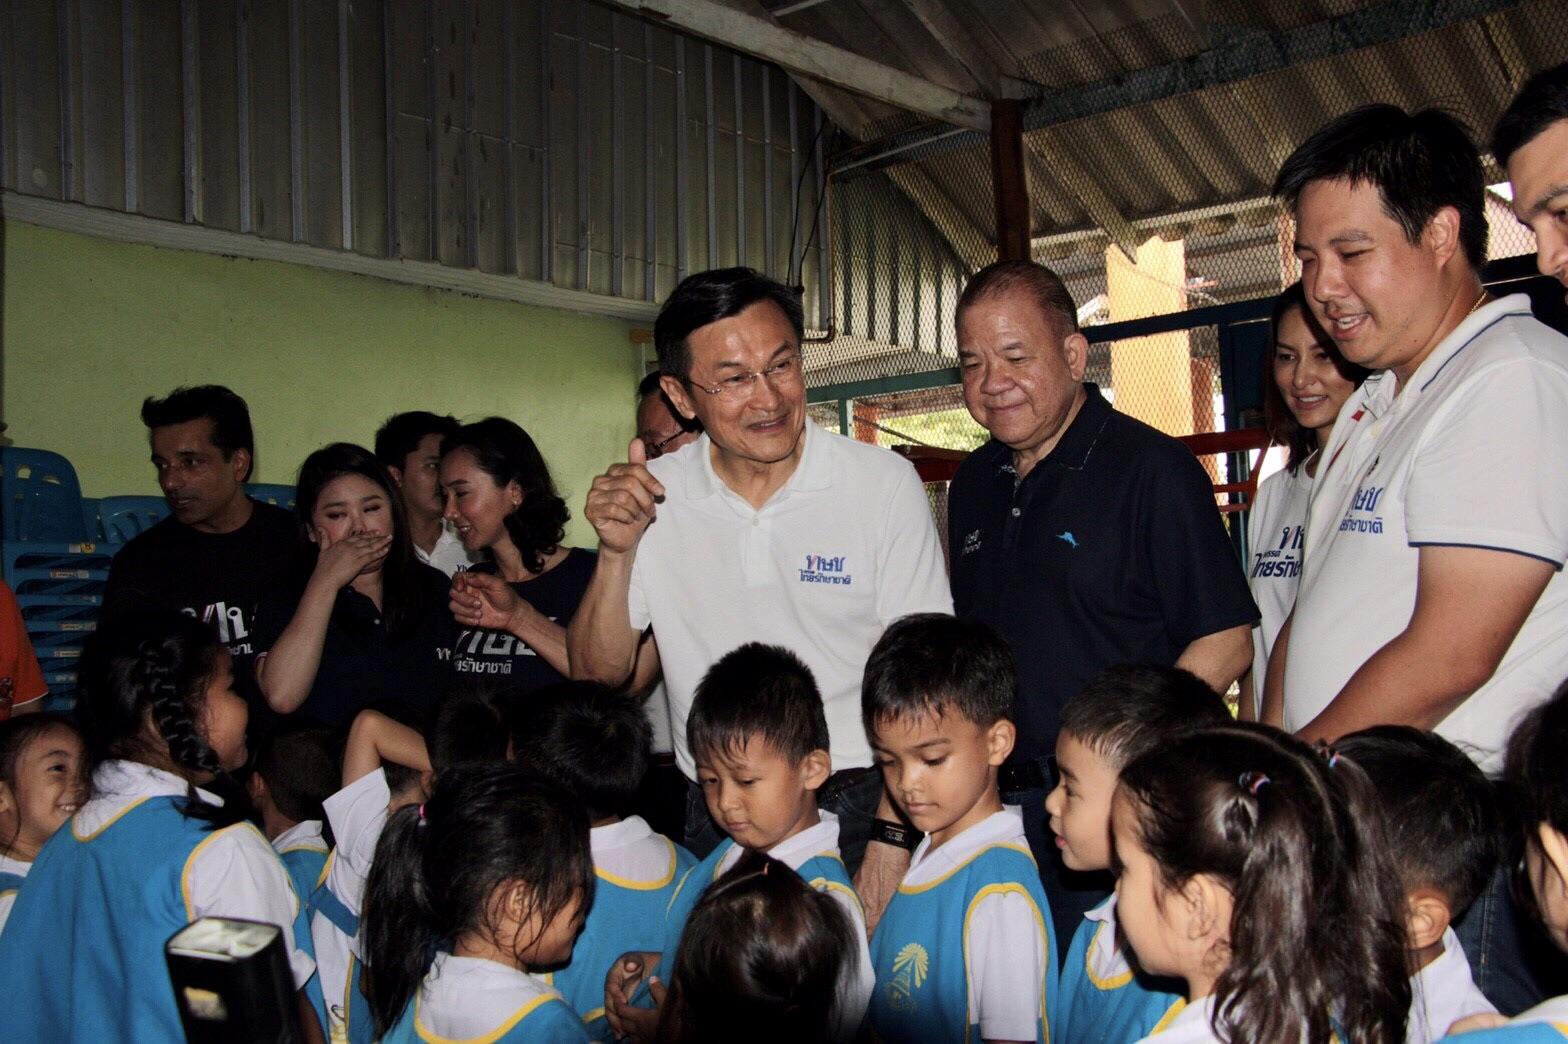 พรรคไทยรักษาชาติ หาเสียง เลือกตั้ง 62